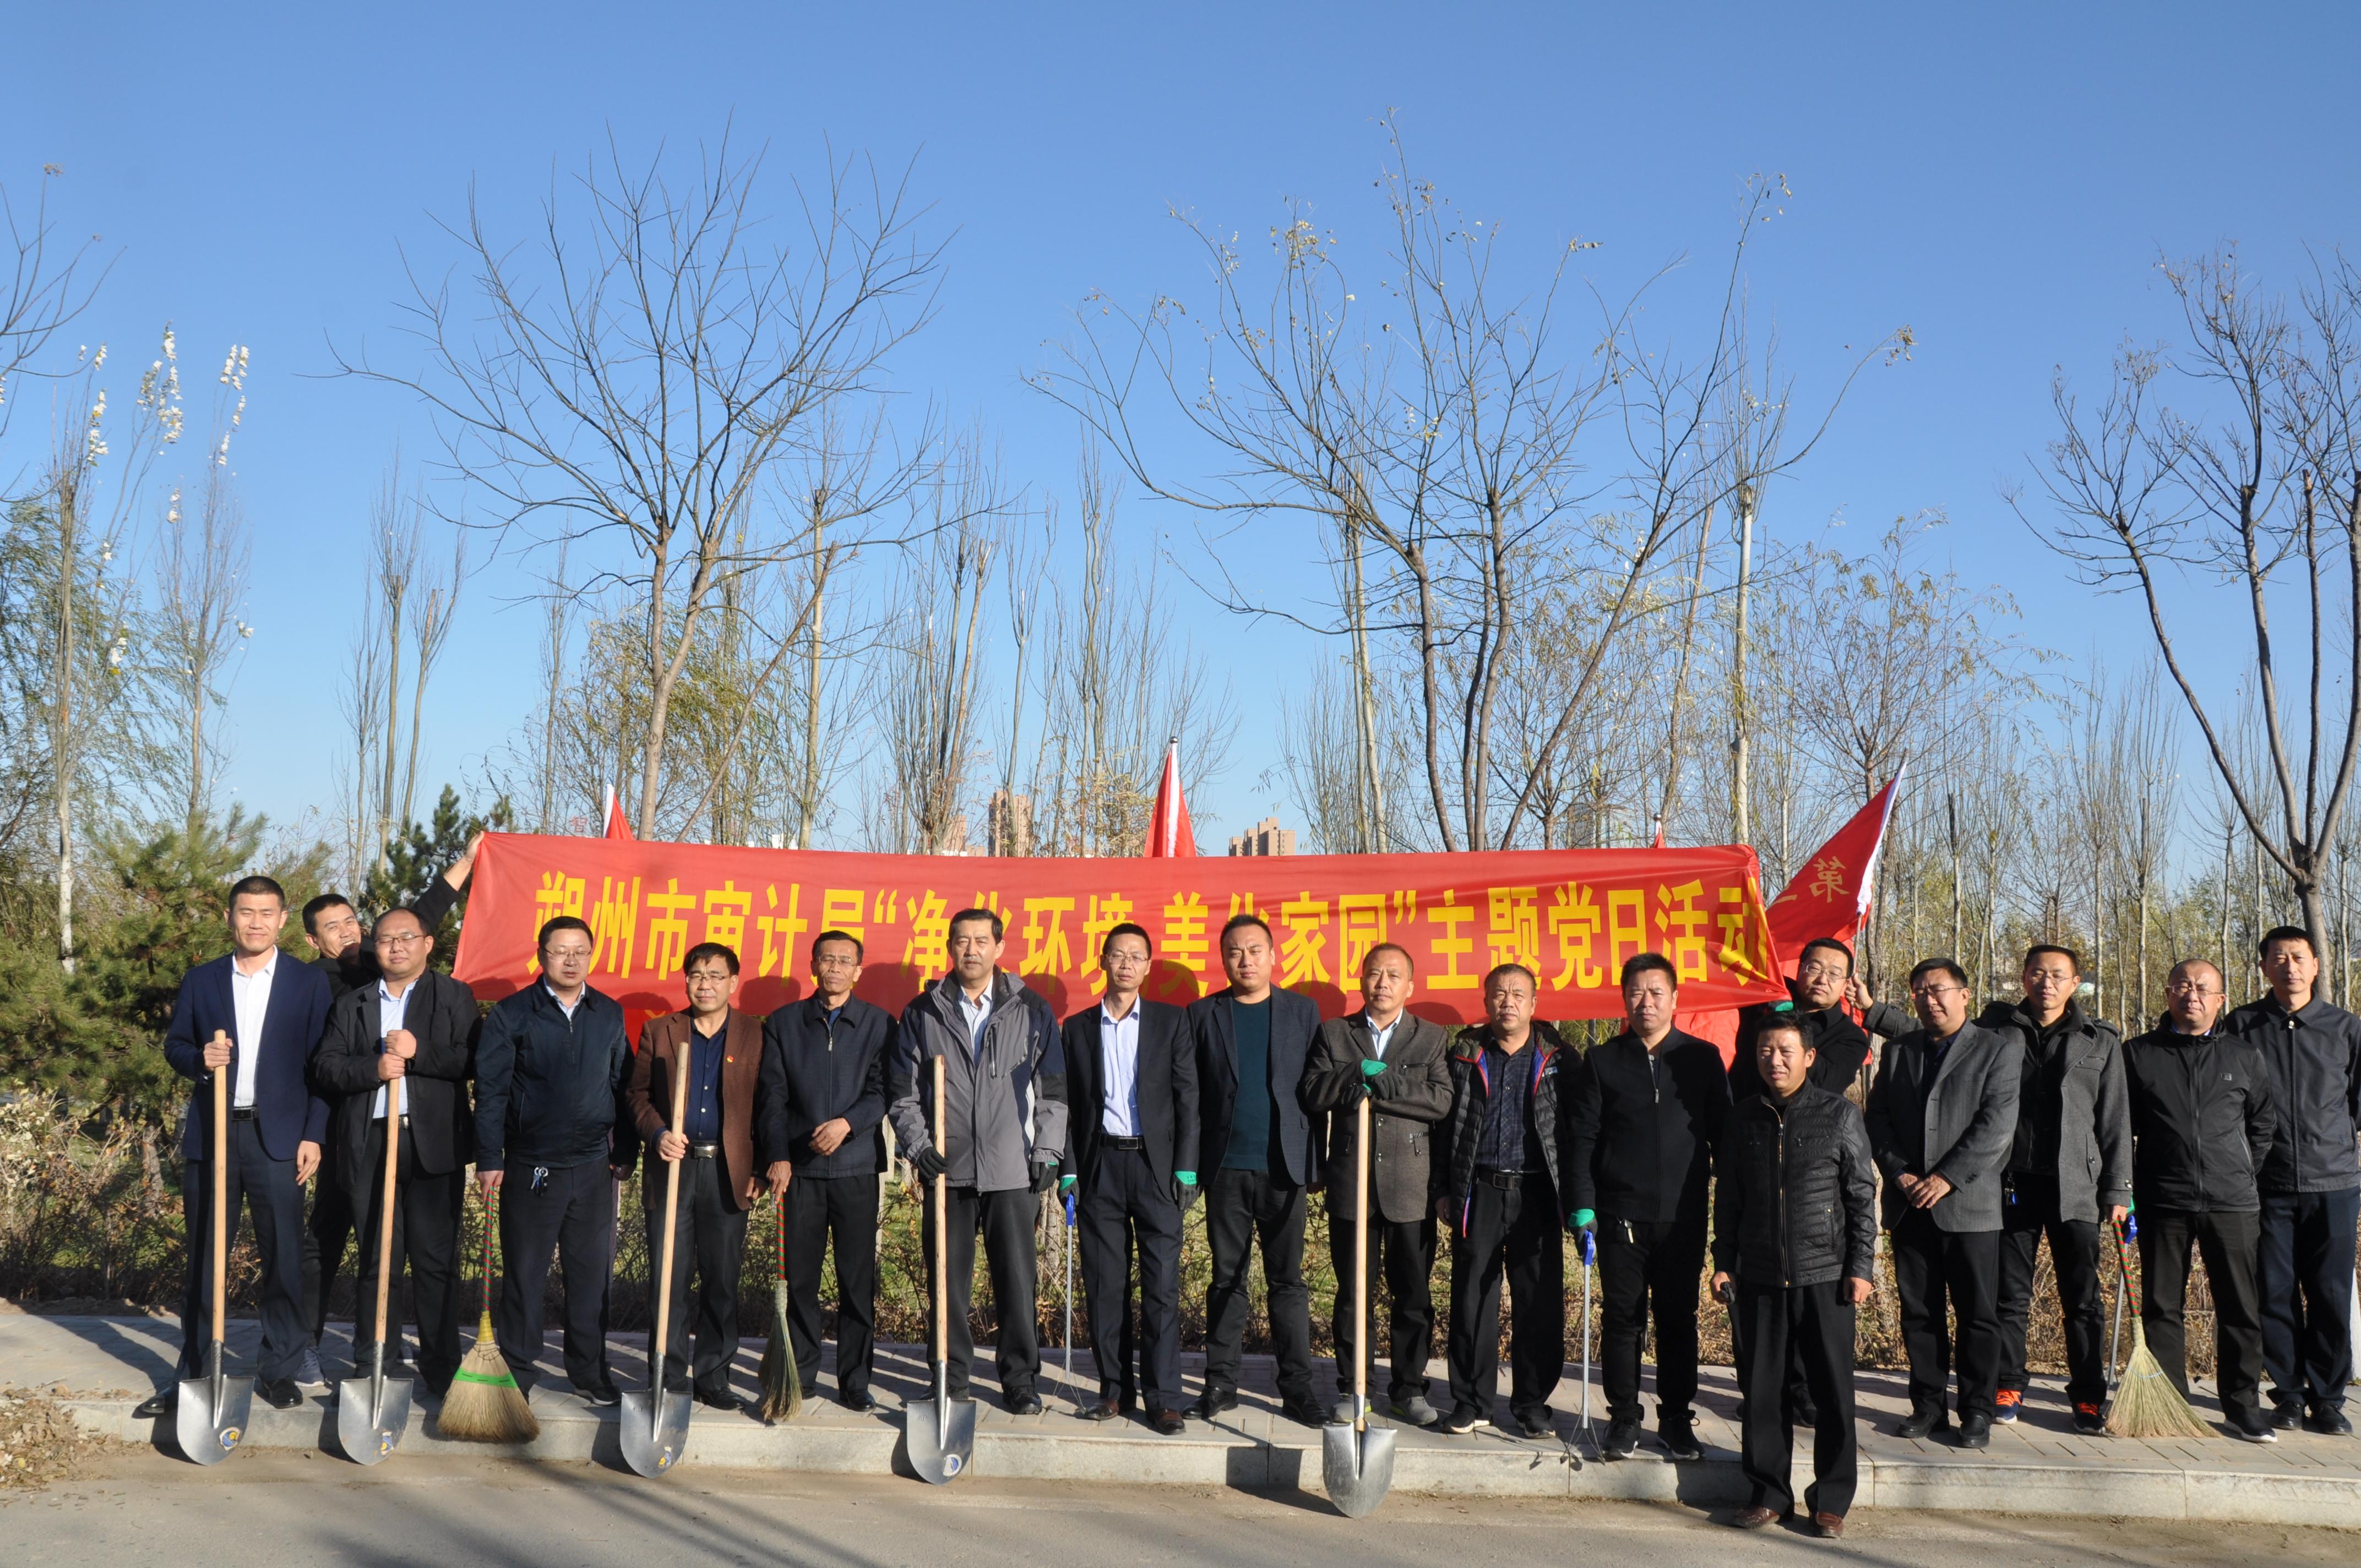 """朔州市审计局""""净化环境,美化家园""""主题党日活动"""